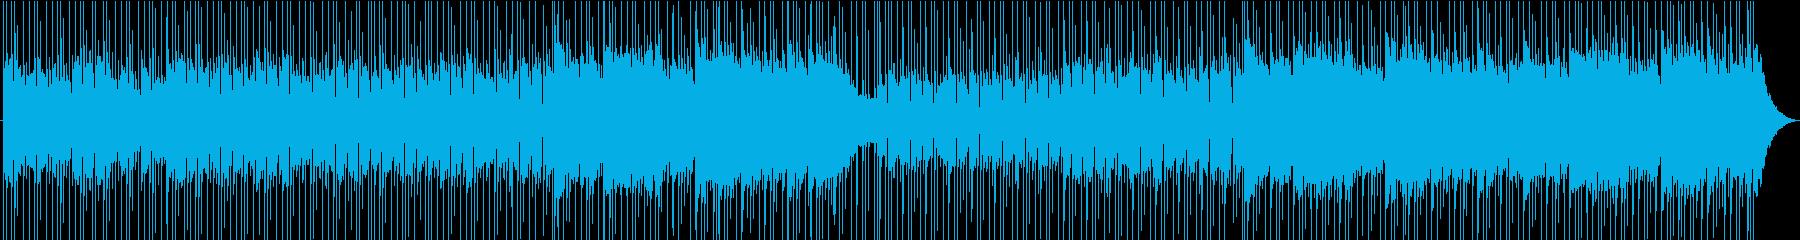 生演奏・70年代のフォークロックの再生済みの波形